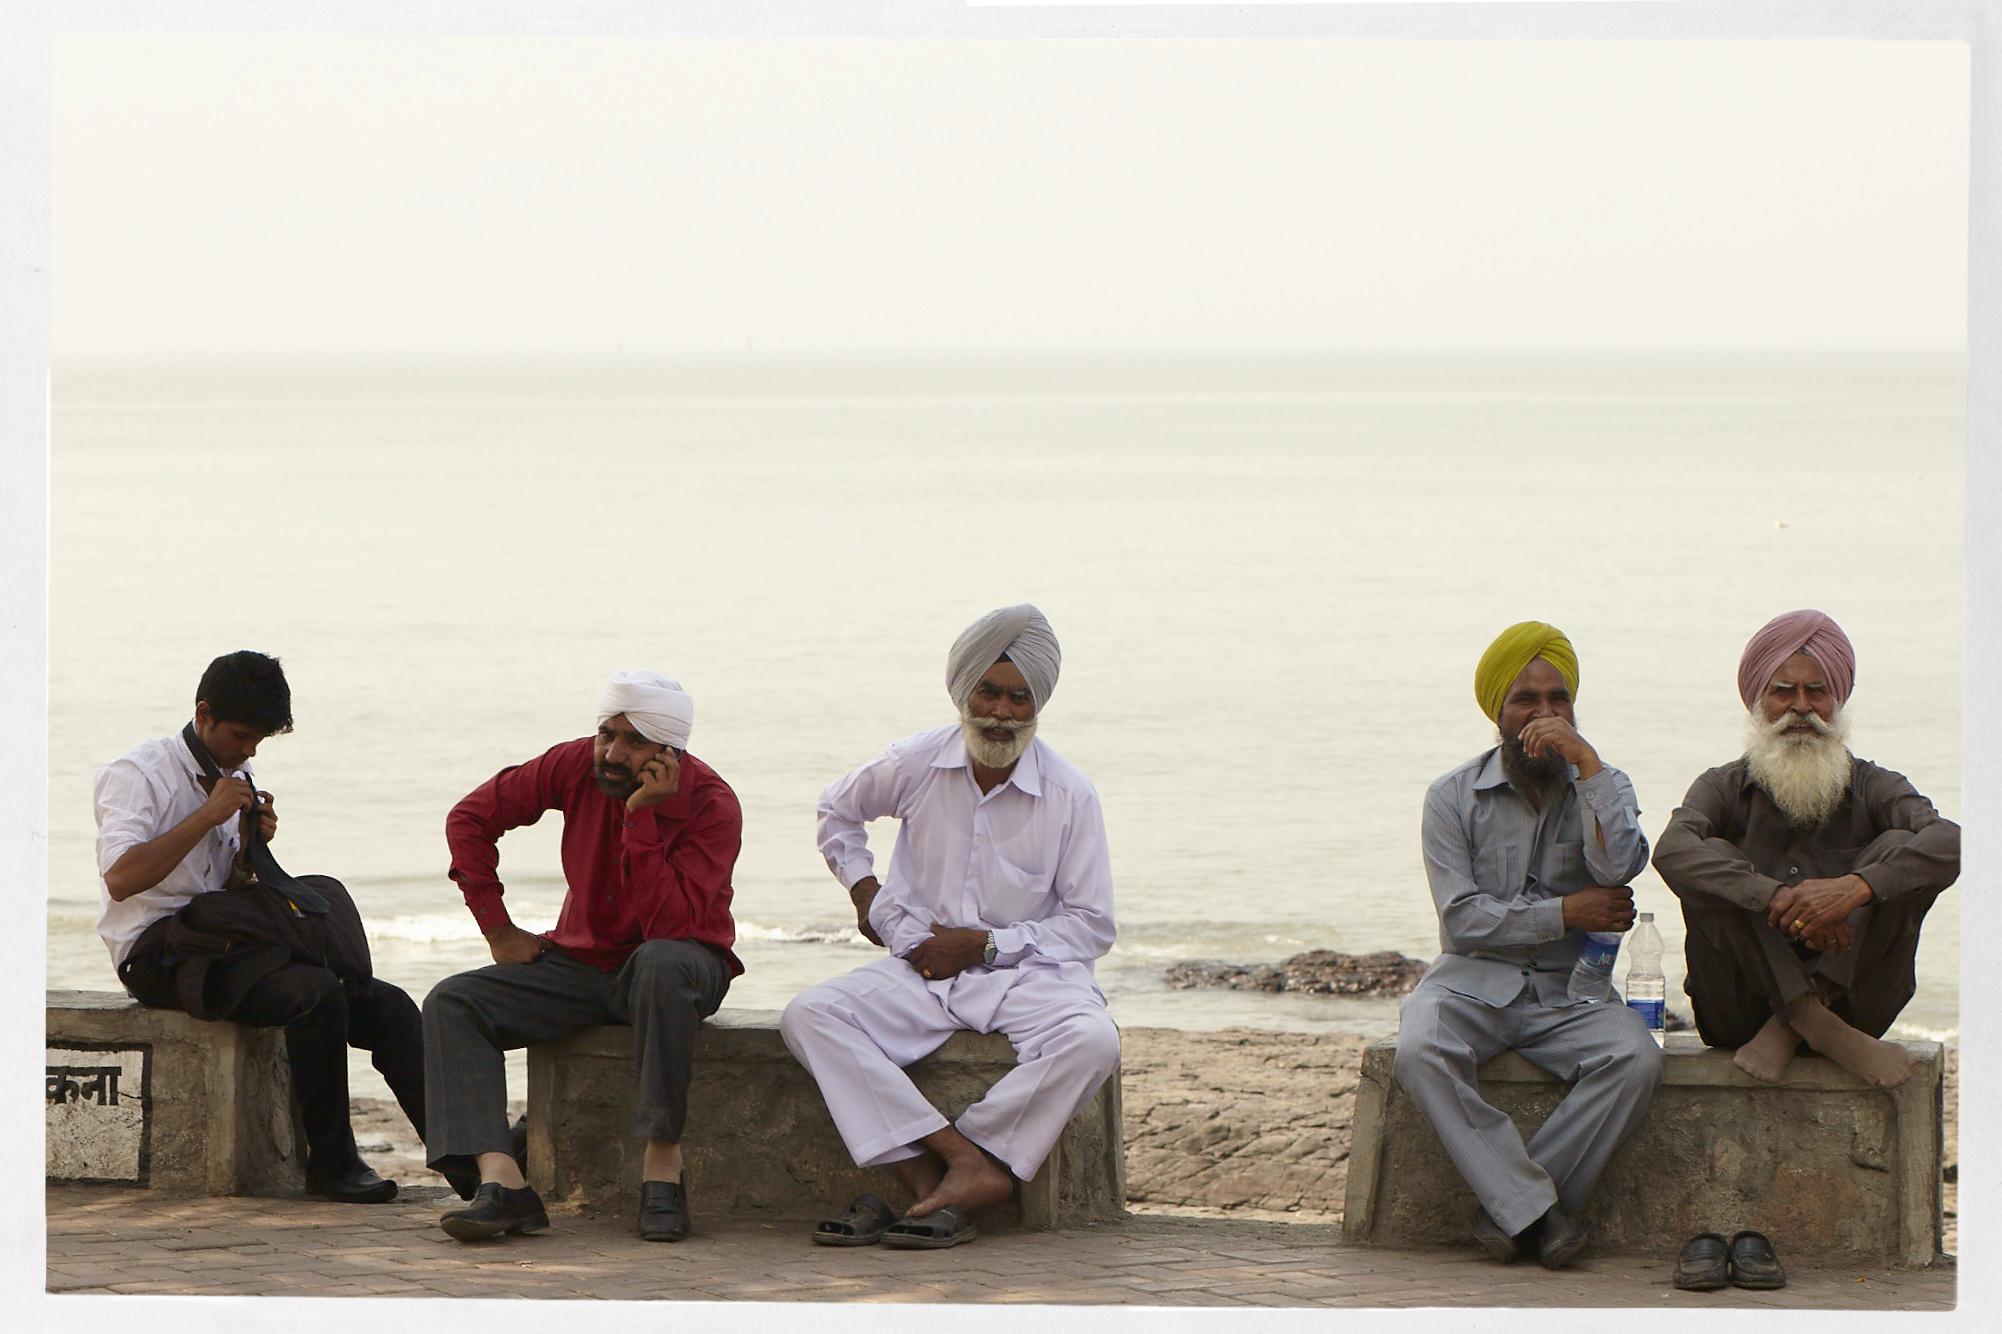 Mumbai_0397 copy.jpg